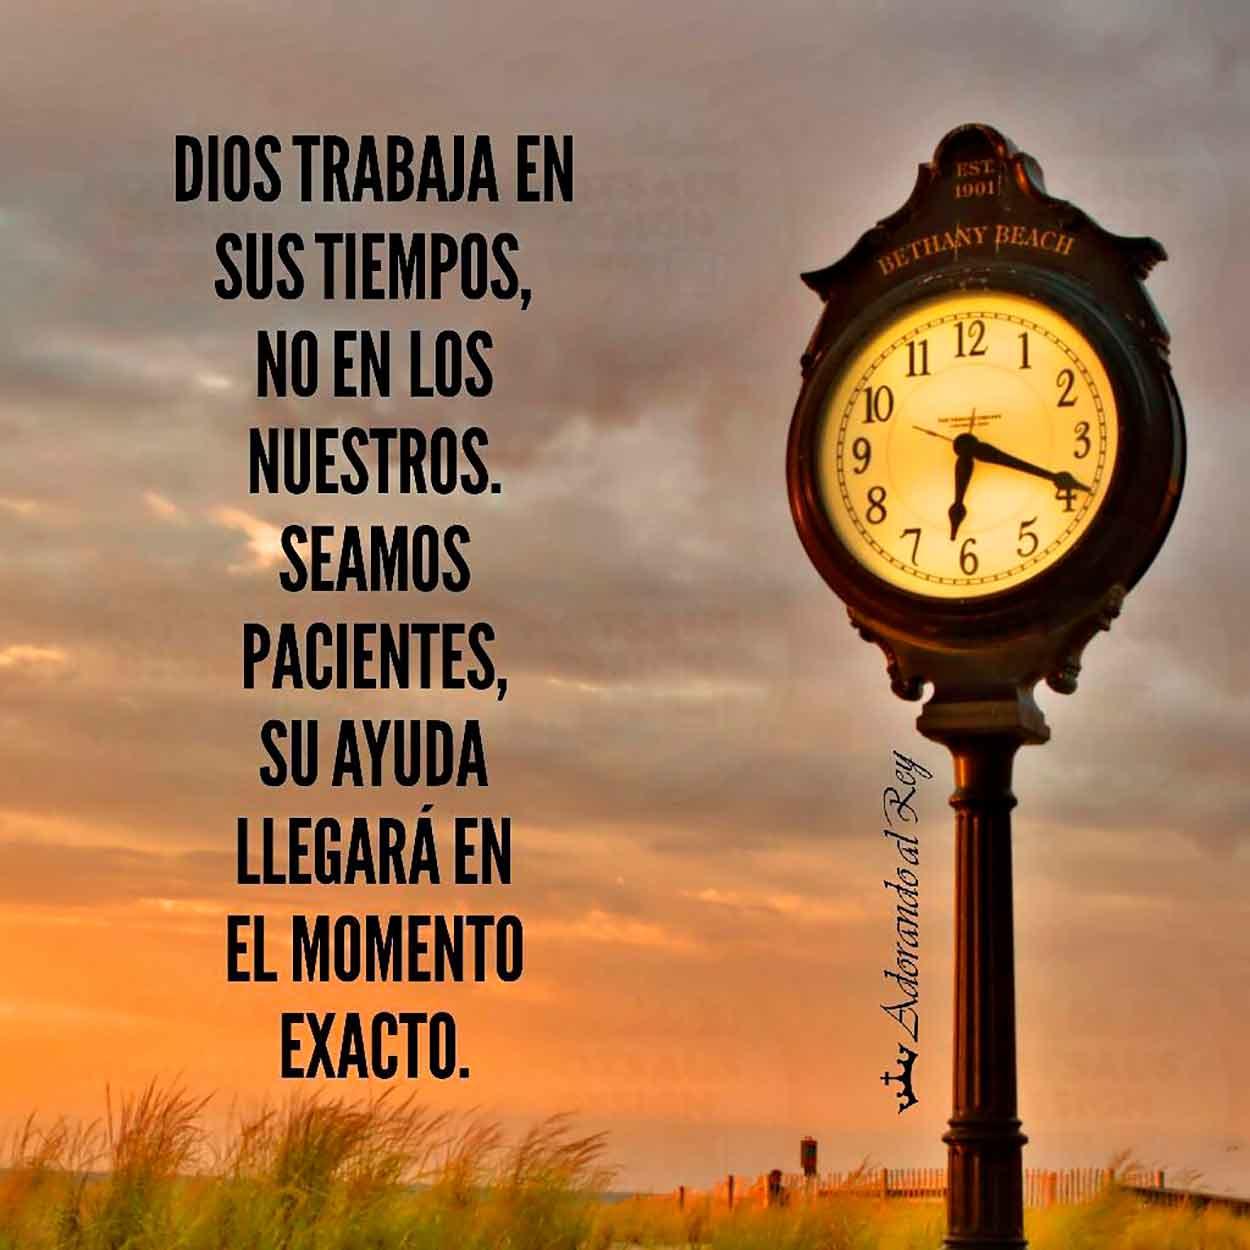 Dios trabaja en su tiempo